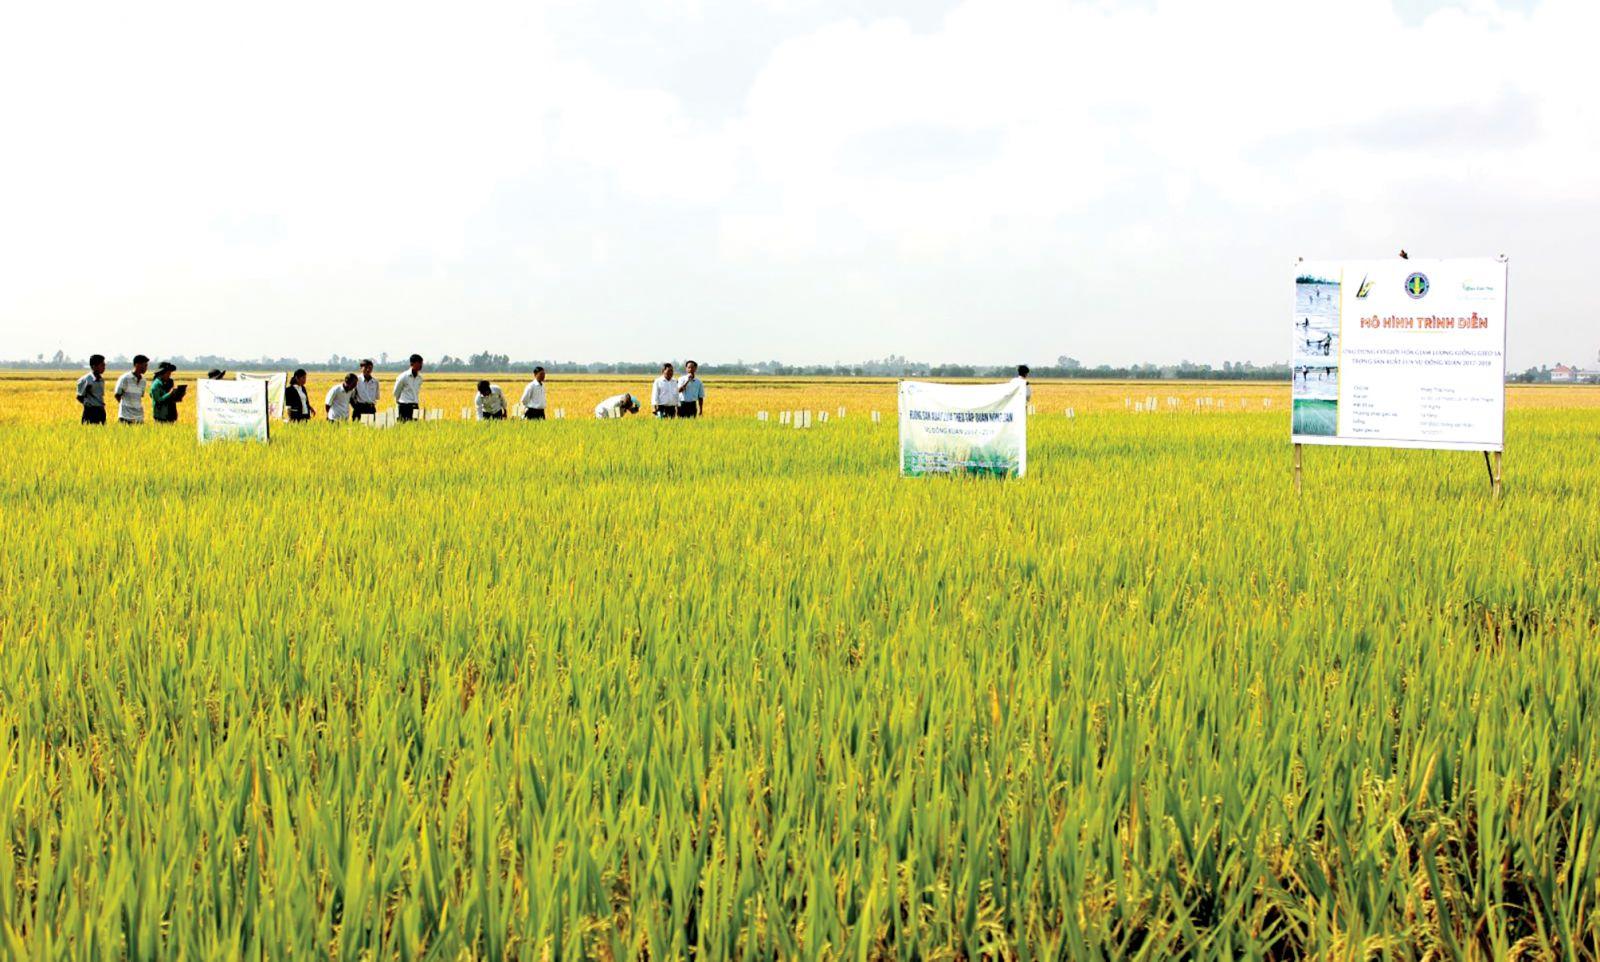 Ruộng mô hình ứng dụng cơ giới hóa giảm lượng giống gieo sạ tại huyện Vĩnh Thạnh cho lợi nhuận cao. Ảnh: ANH KHOA